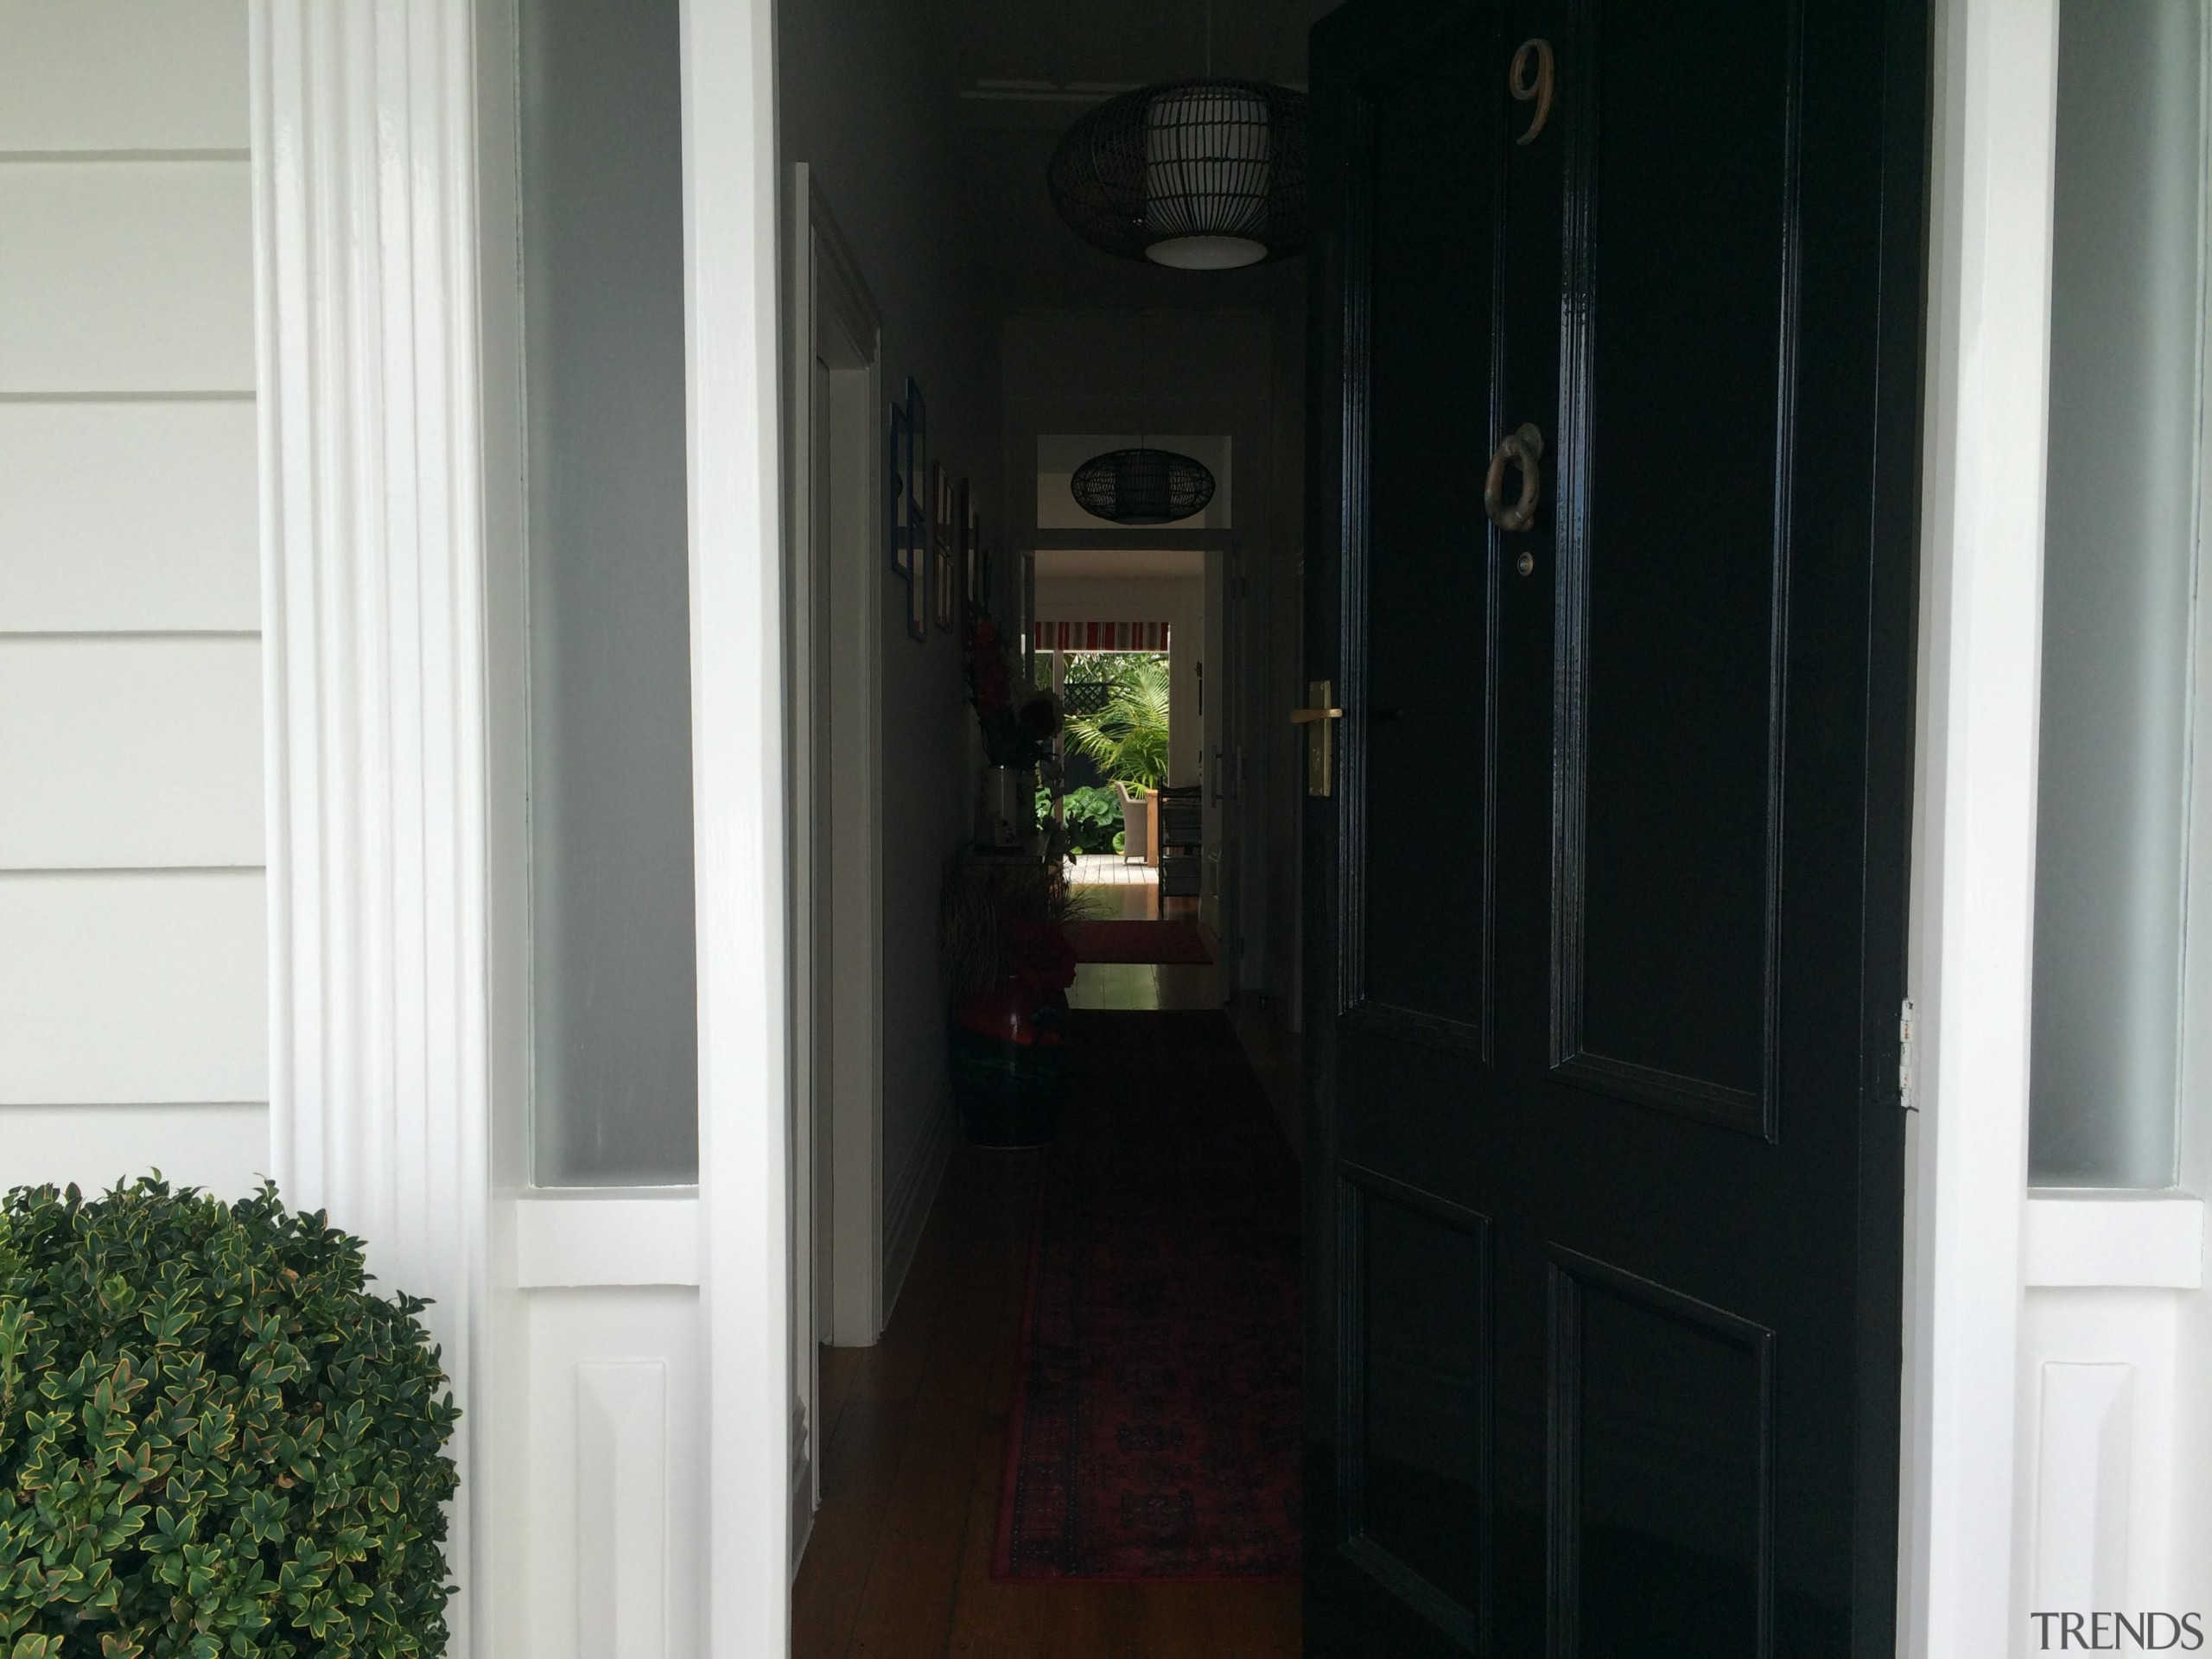 John St. 3 - door | home | door, home, house, property, structure, window, wood, black, white